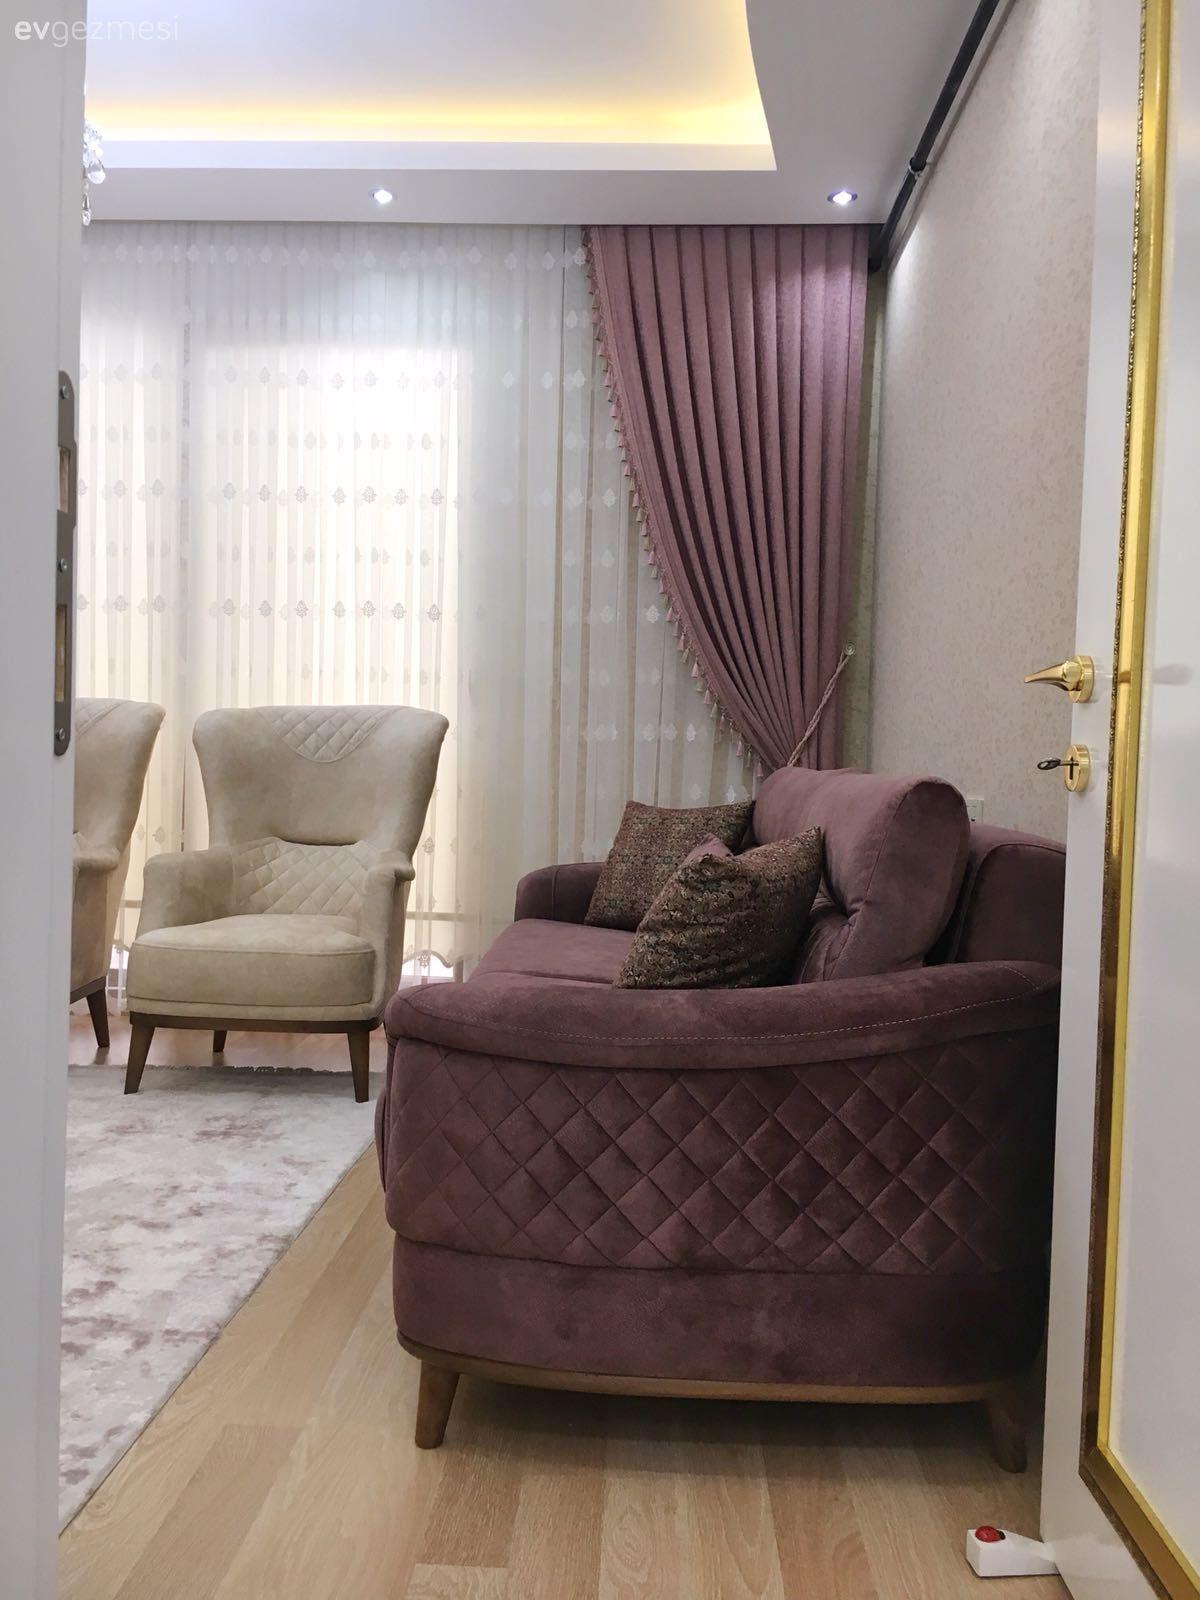 Bu göz alıcı İzmir evinin her detayı, mükemmeliyetçi ev sahiplerini ele veriyor. – 22